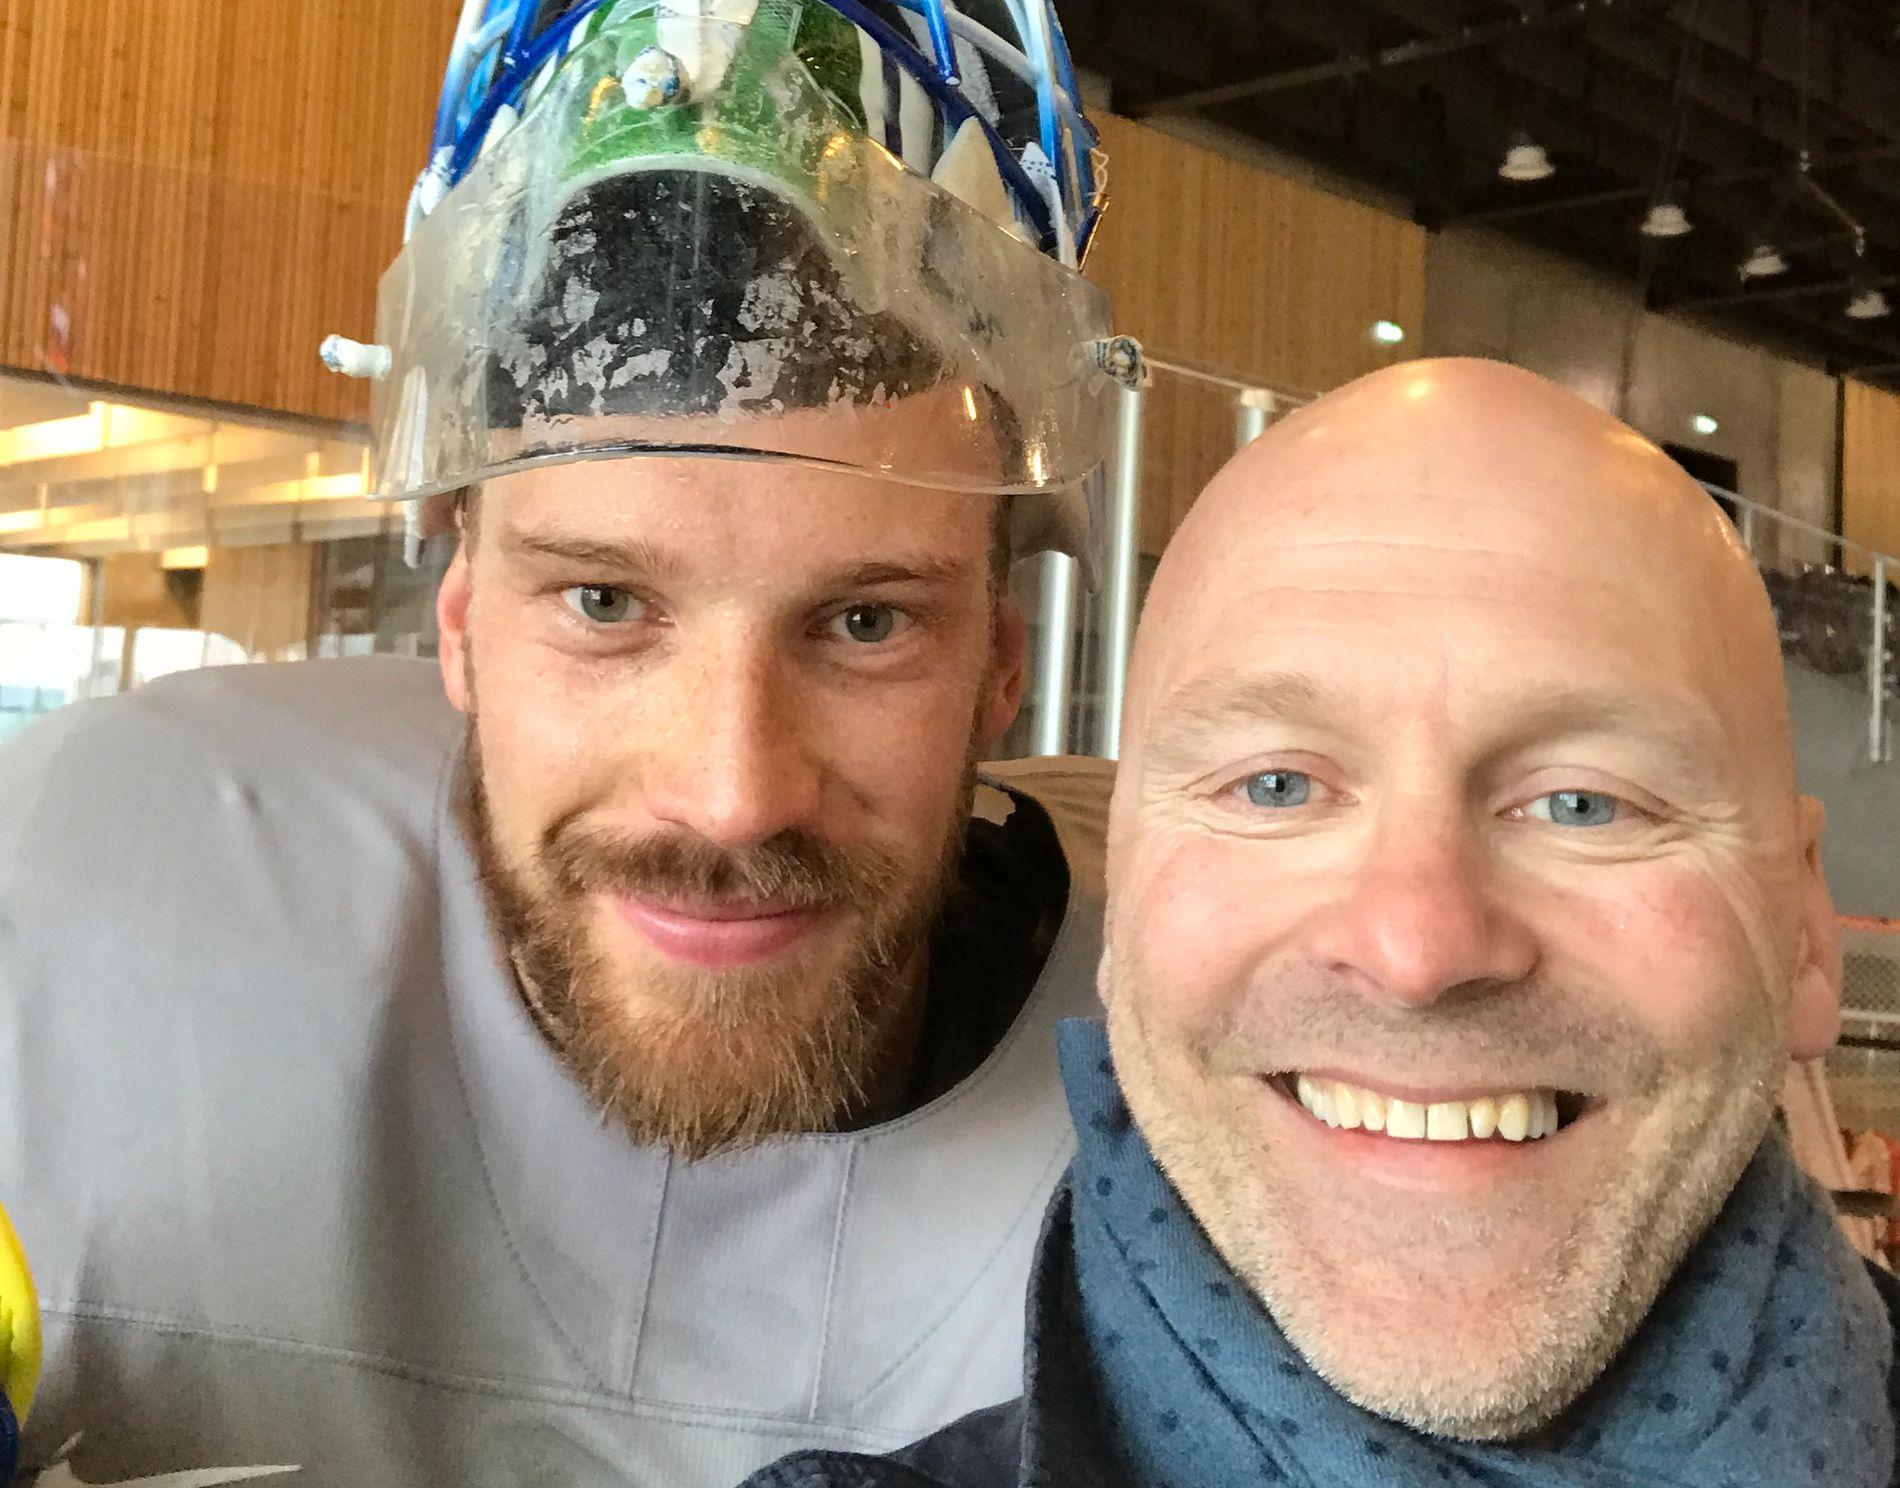 VM-SMIL: Anders Nilsson og Per Eftang fotografert under VM i Danmark.